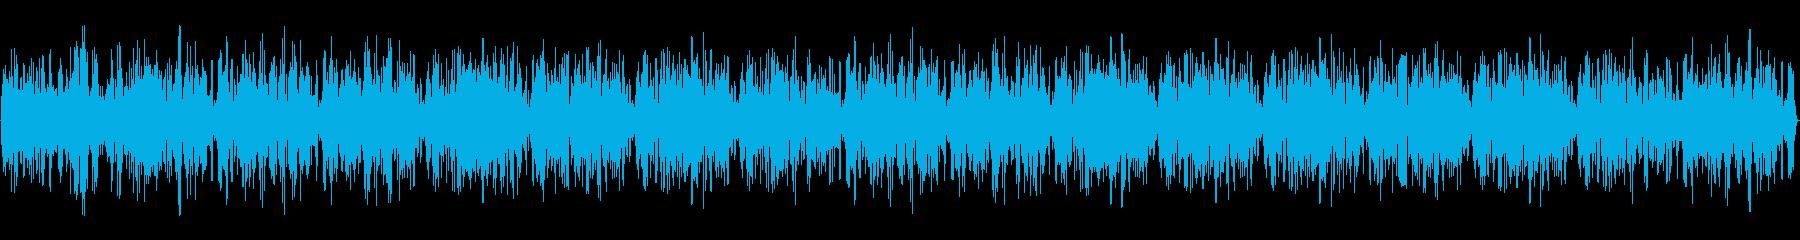 地鳴り・地響き・巨大な乗り物の重い環境音の再生済みの波形